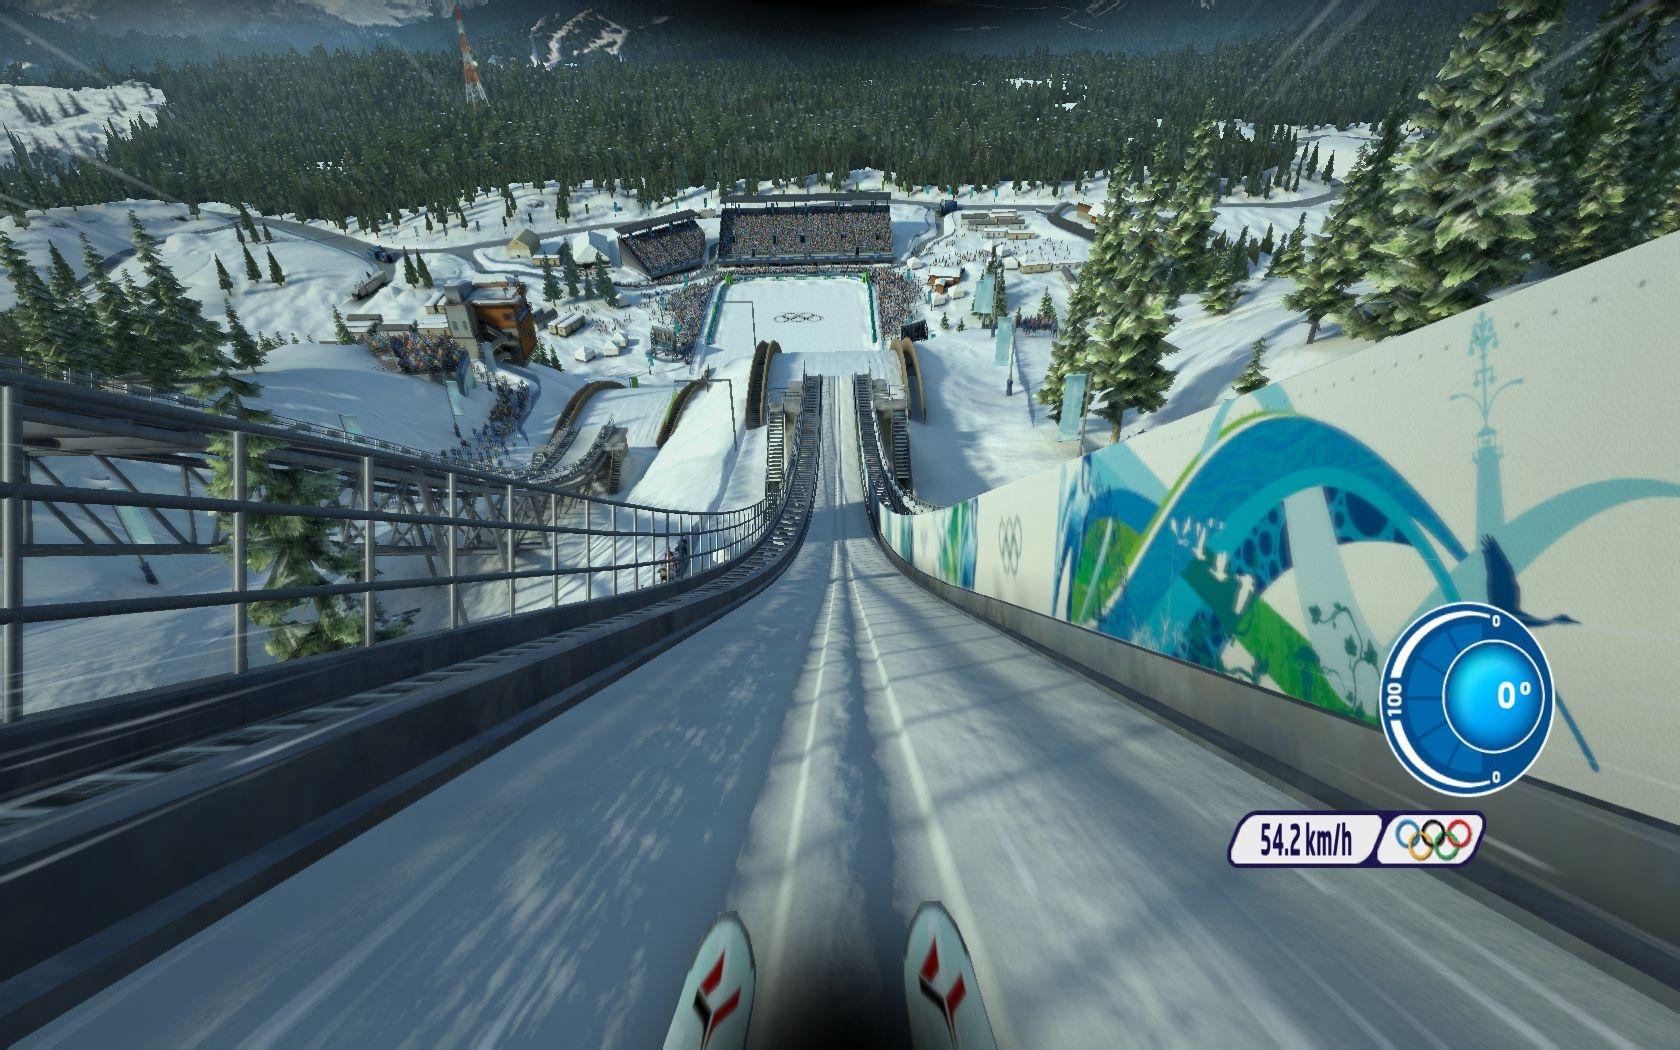 Vancouver 2010 Das Offizielle Videospiel Der Olympischen